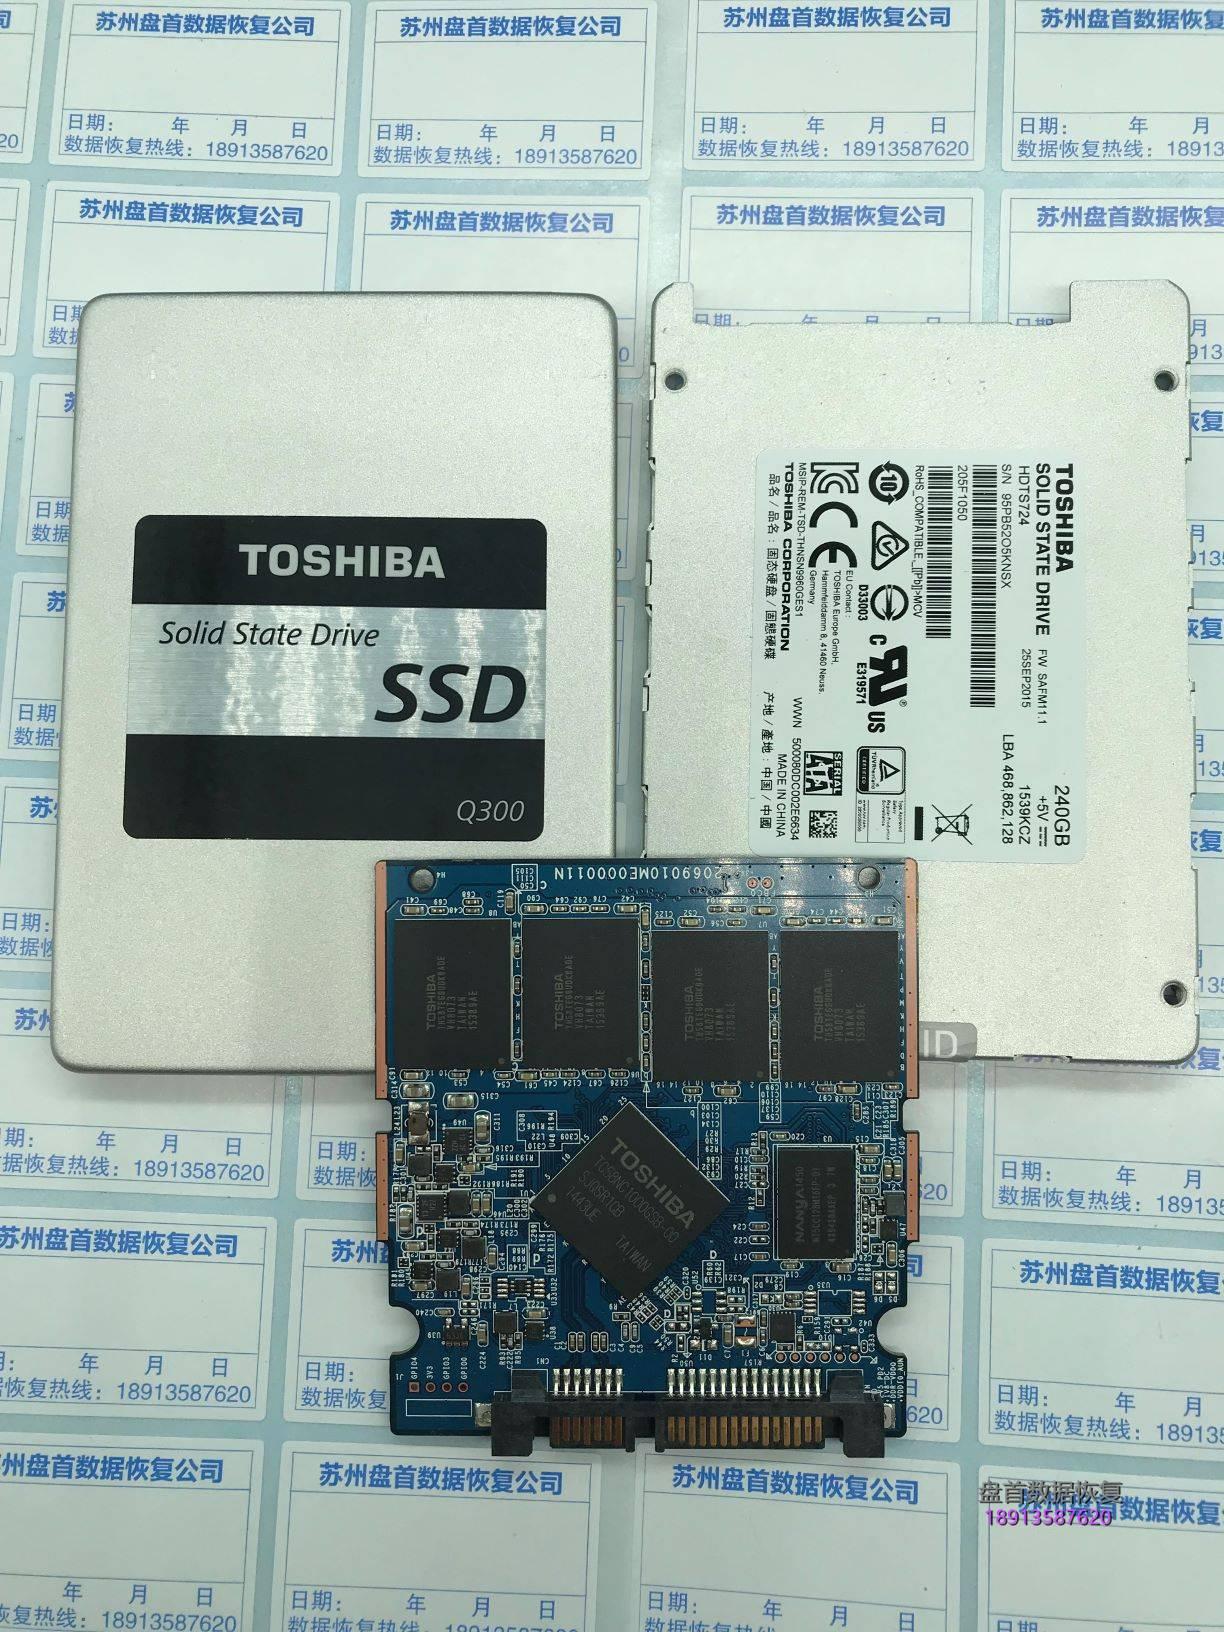 0 东芝Q300固态硬盘掉盘无法识别使用PC3000 SSD固态硬盘数据恢复软件恢复成功